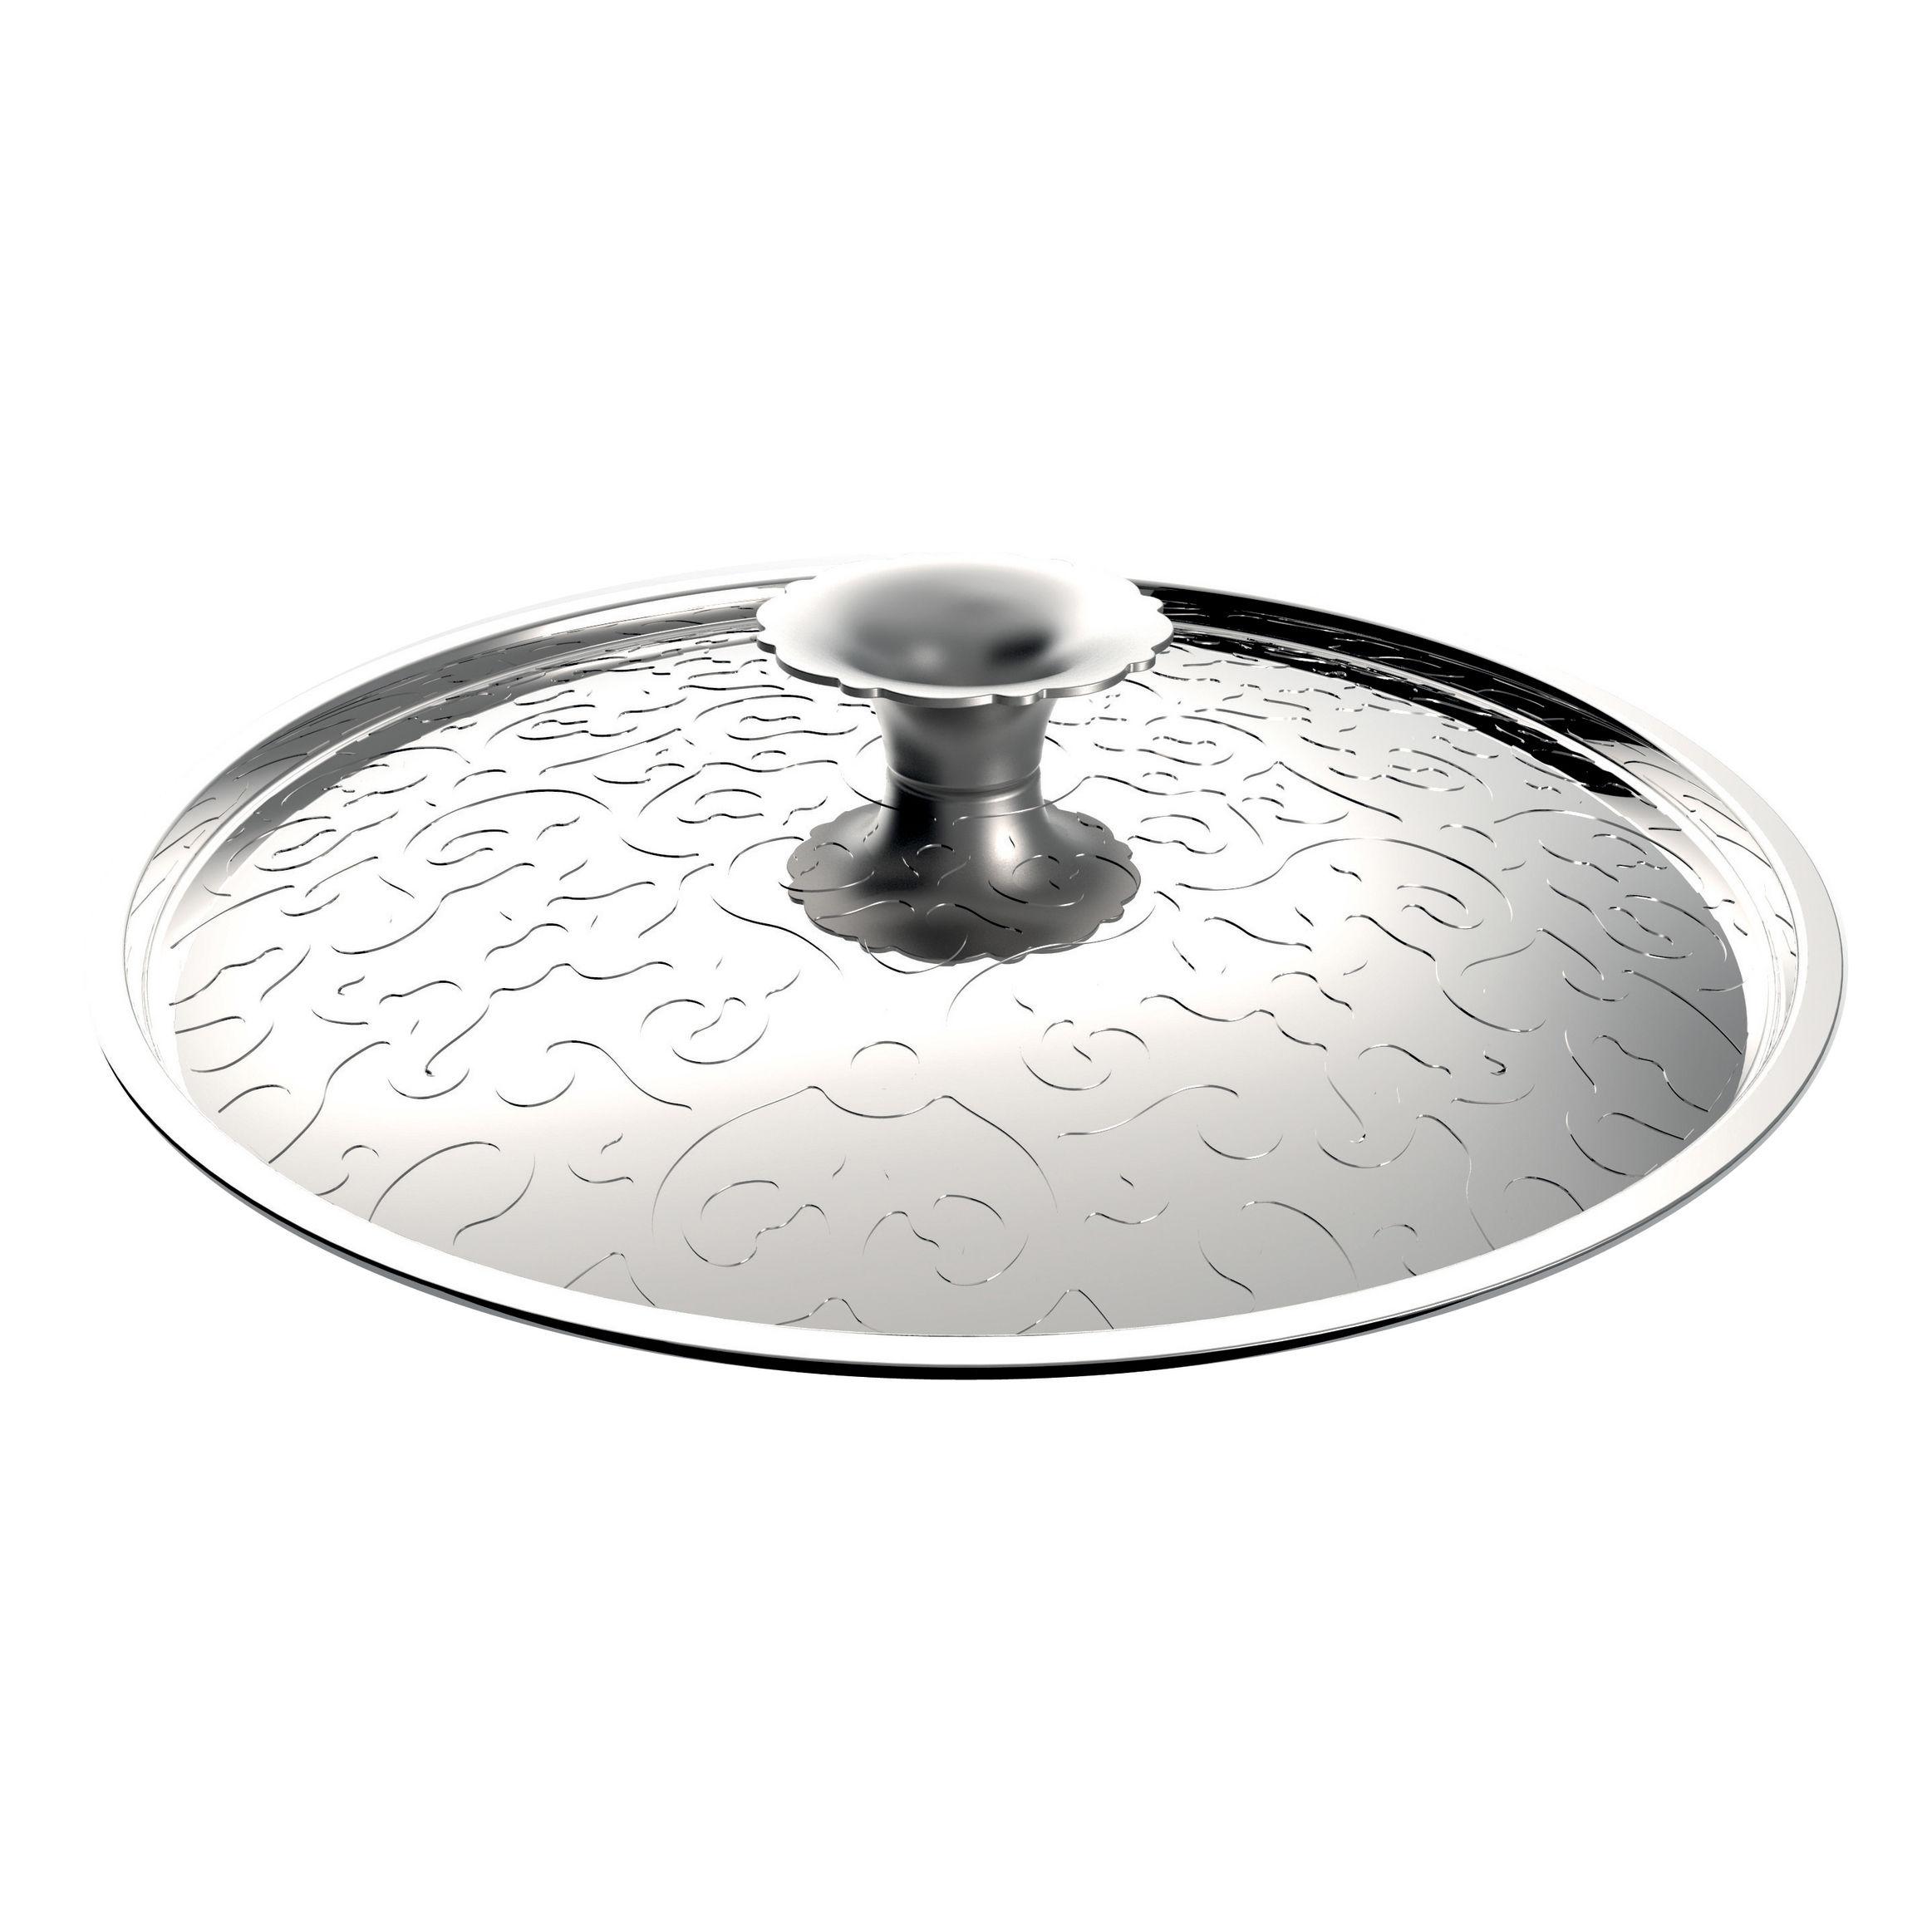 Cucina - Pentole, Padelle e Casseruole - Coperchio Dressed - Ø 20 cm di Alessi - Acciaio inox - Acciaio